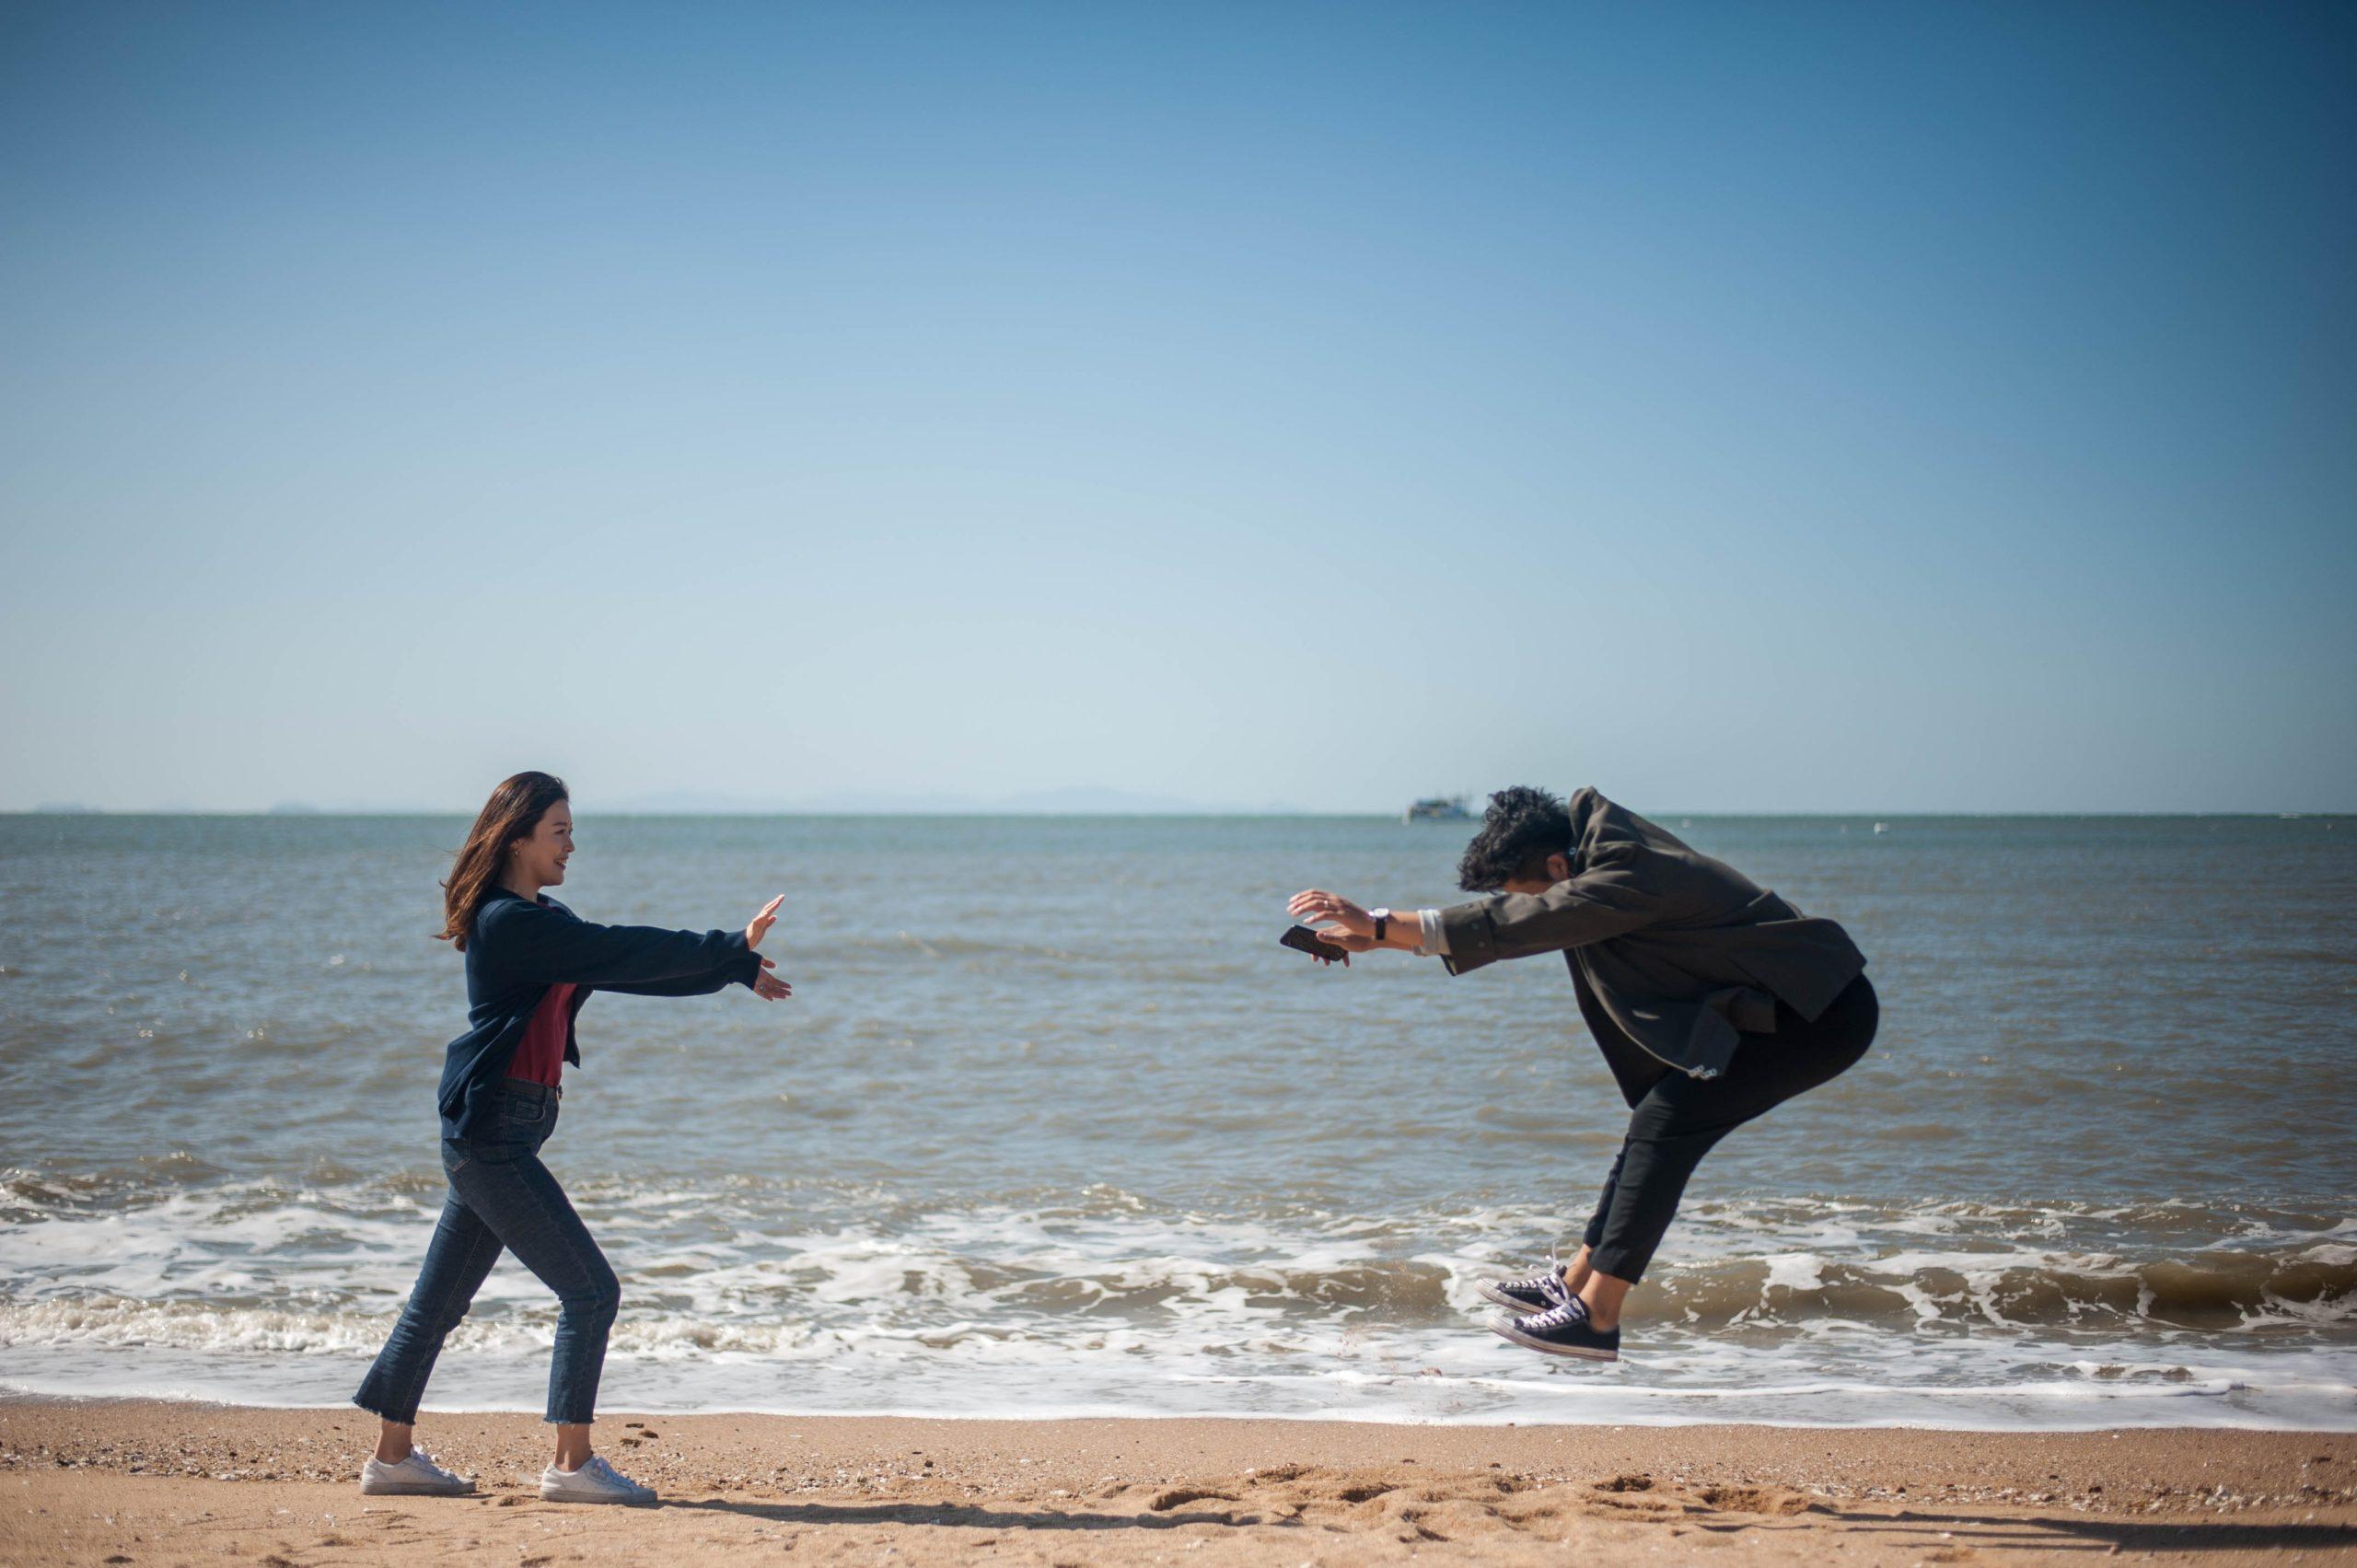 「シラット」とかいう格闘技、なぜか日本で全く流行らない